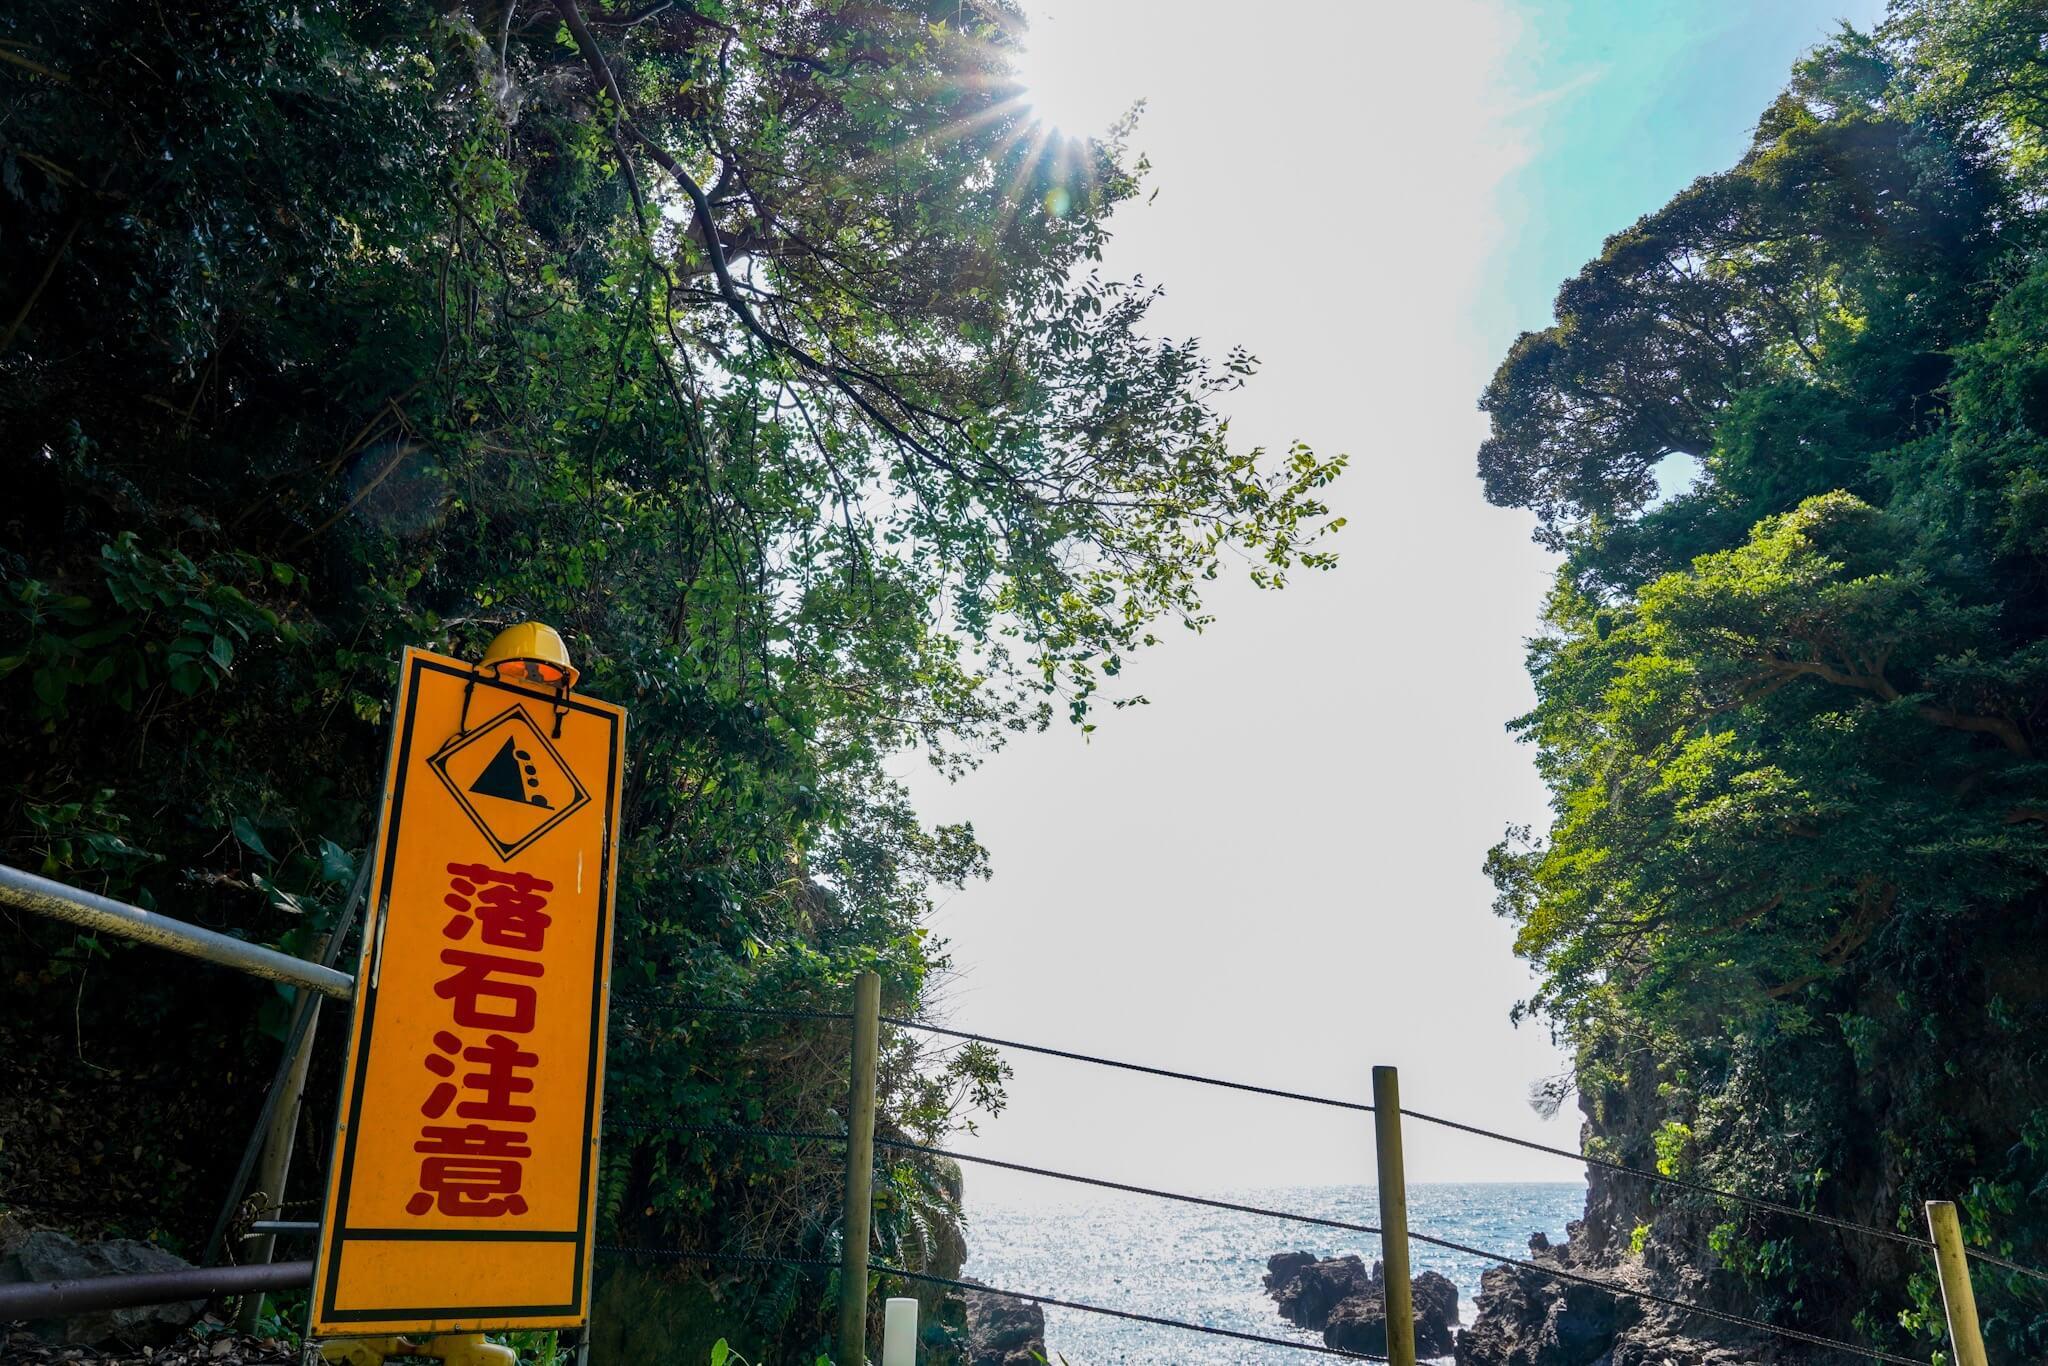 聖域の岬・青の洞窟 パワースポット「落石注意」